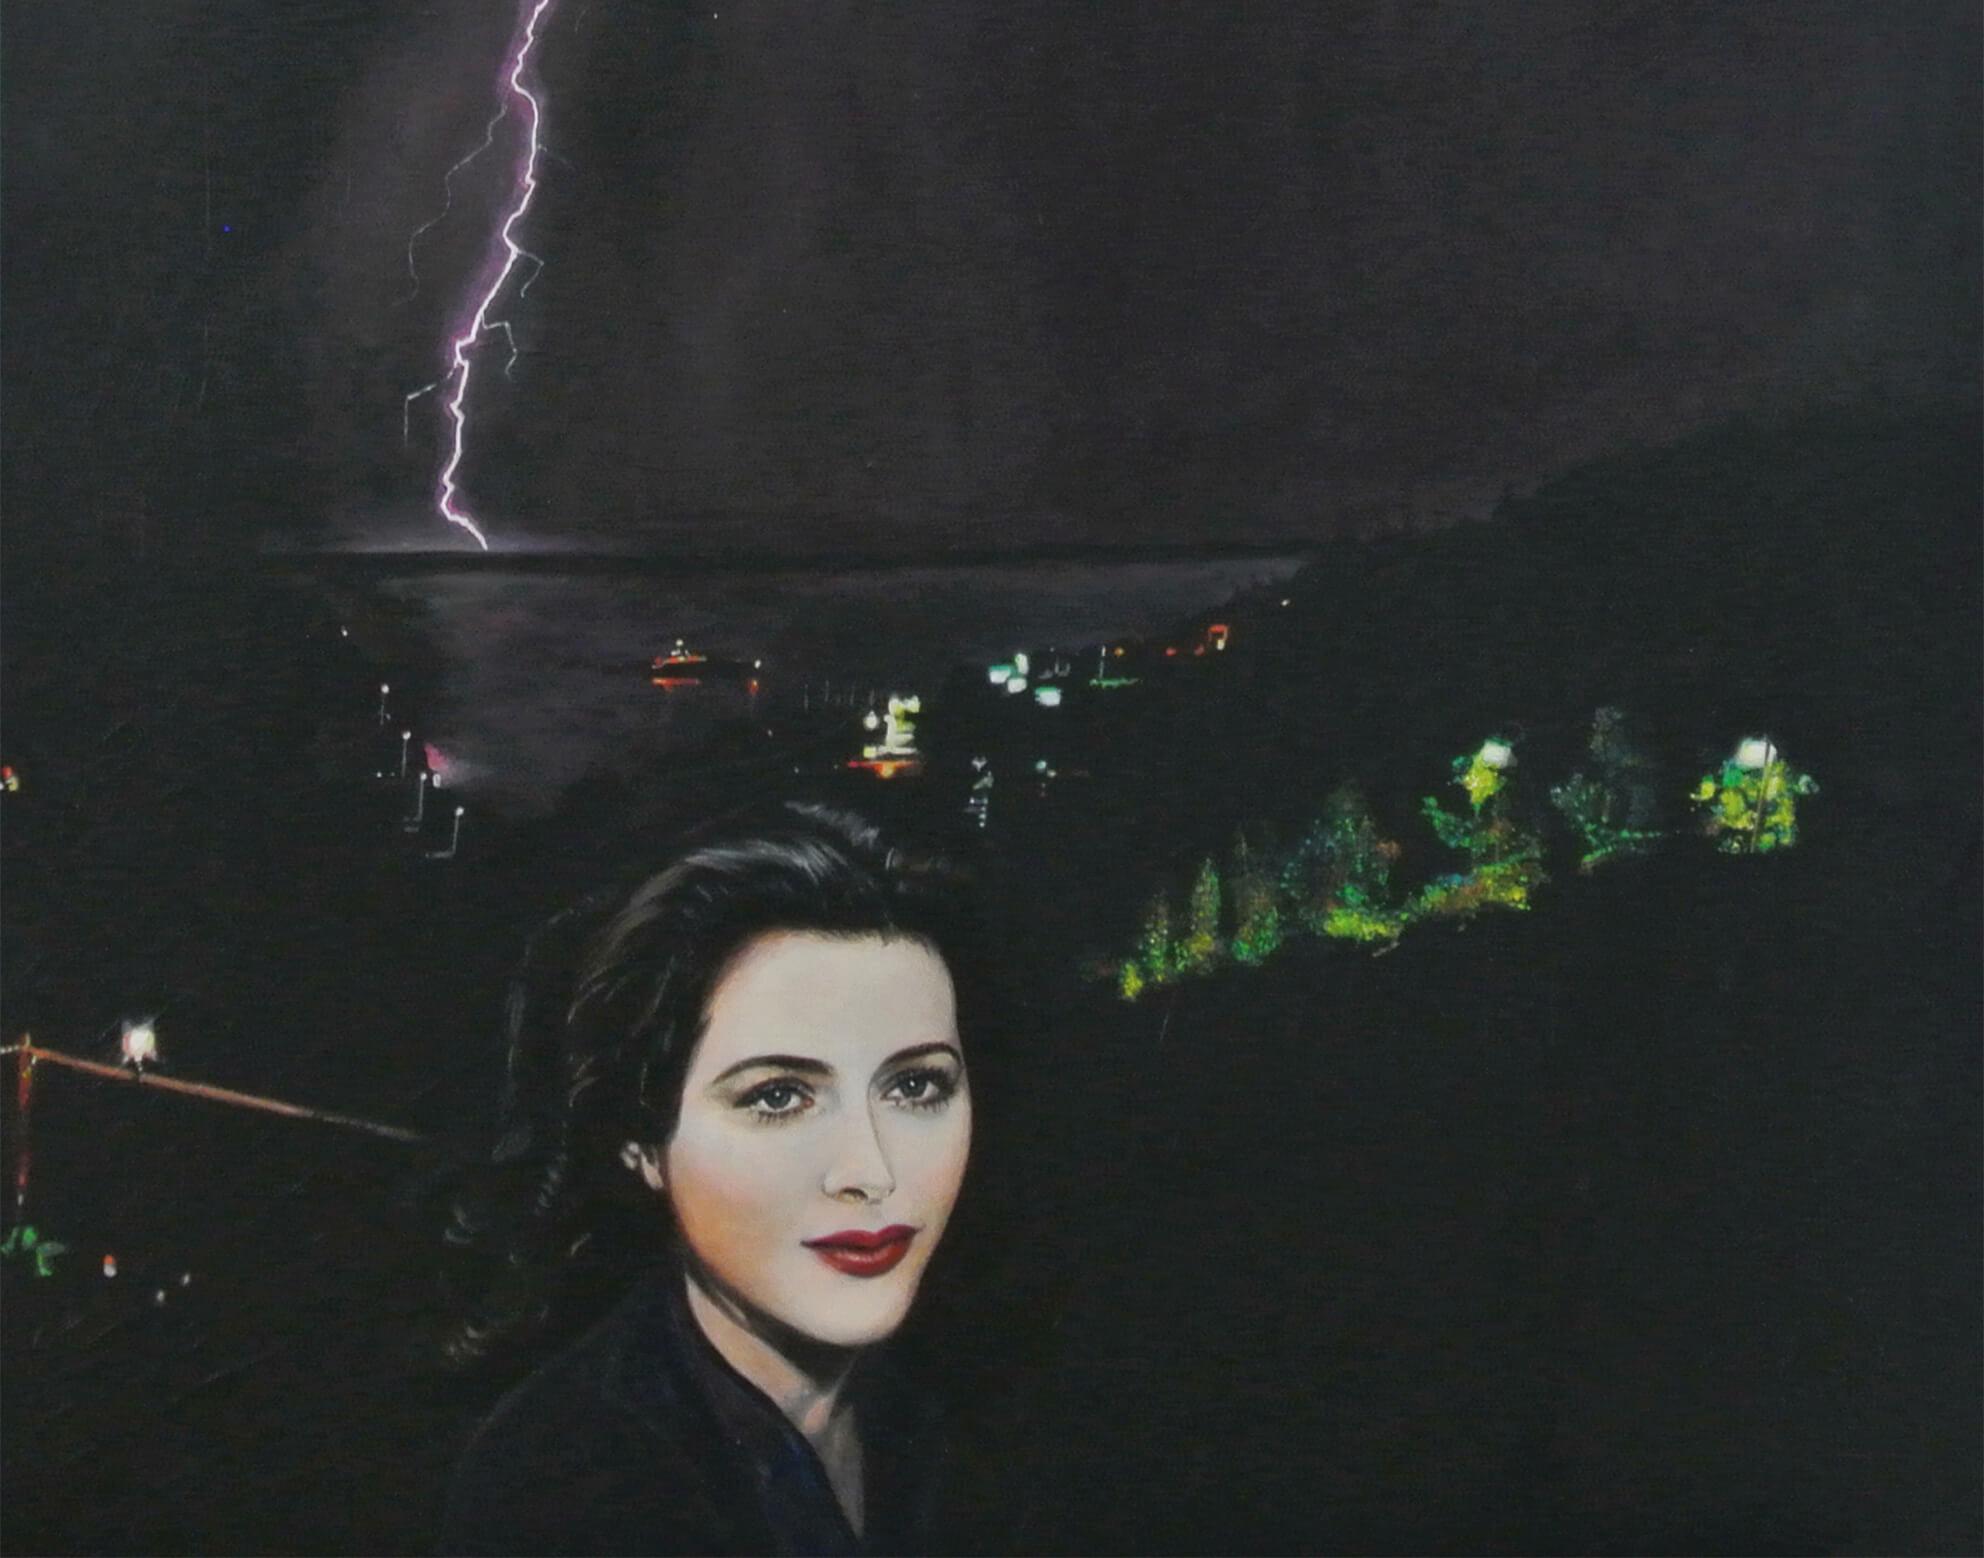 The Legacy of Hedi L., 50 x 60 x 4 cm, Malerei © Ute Latzke, Preis: 1100 Euro.